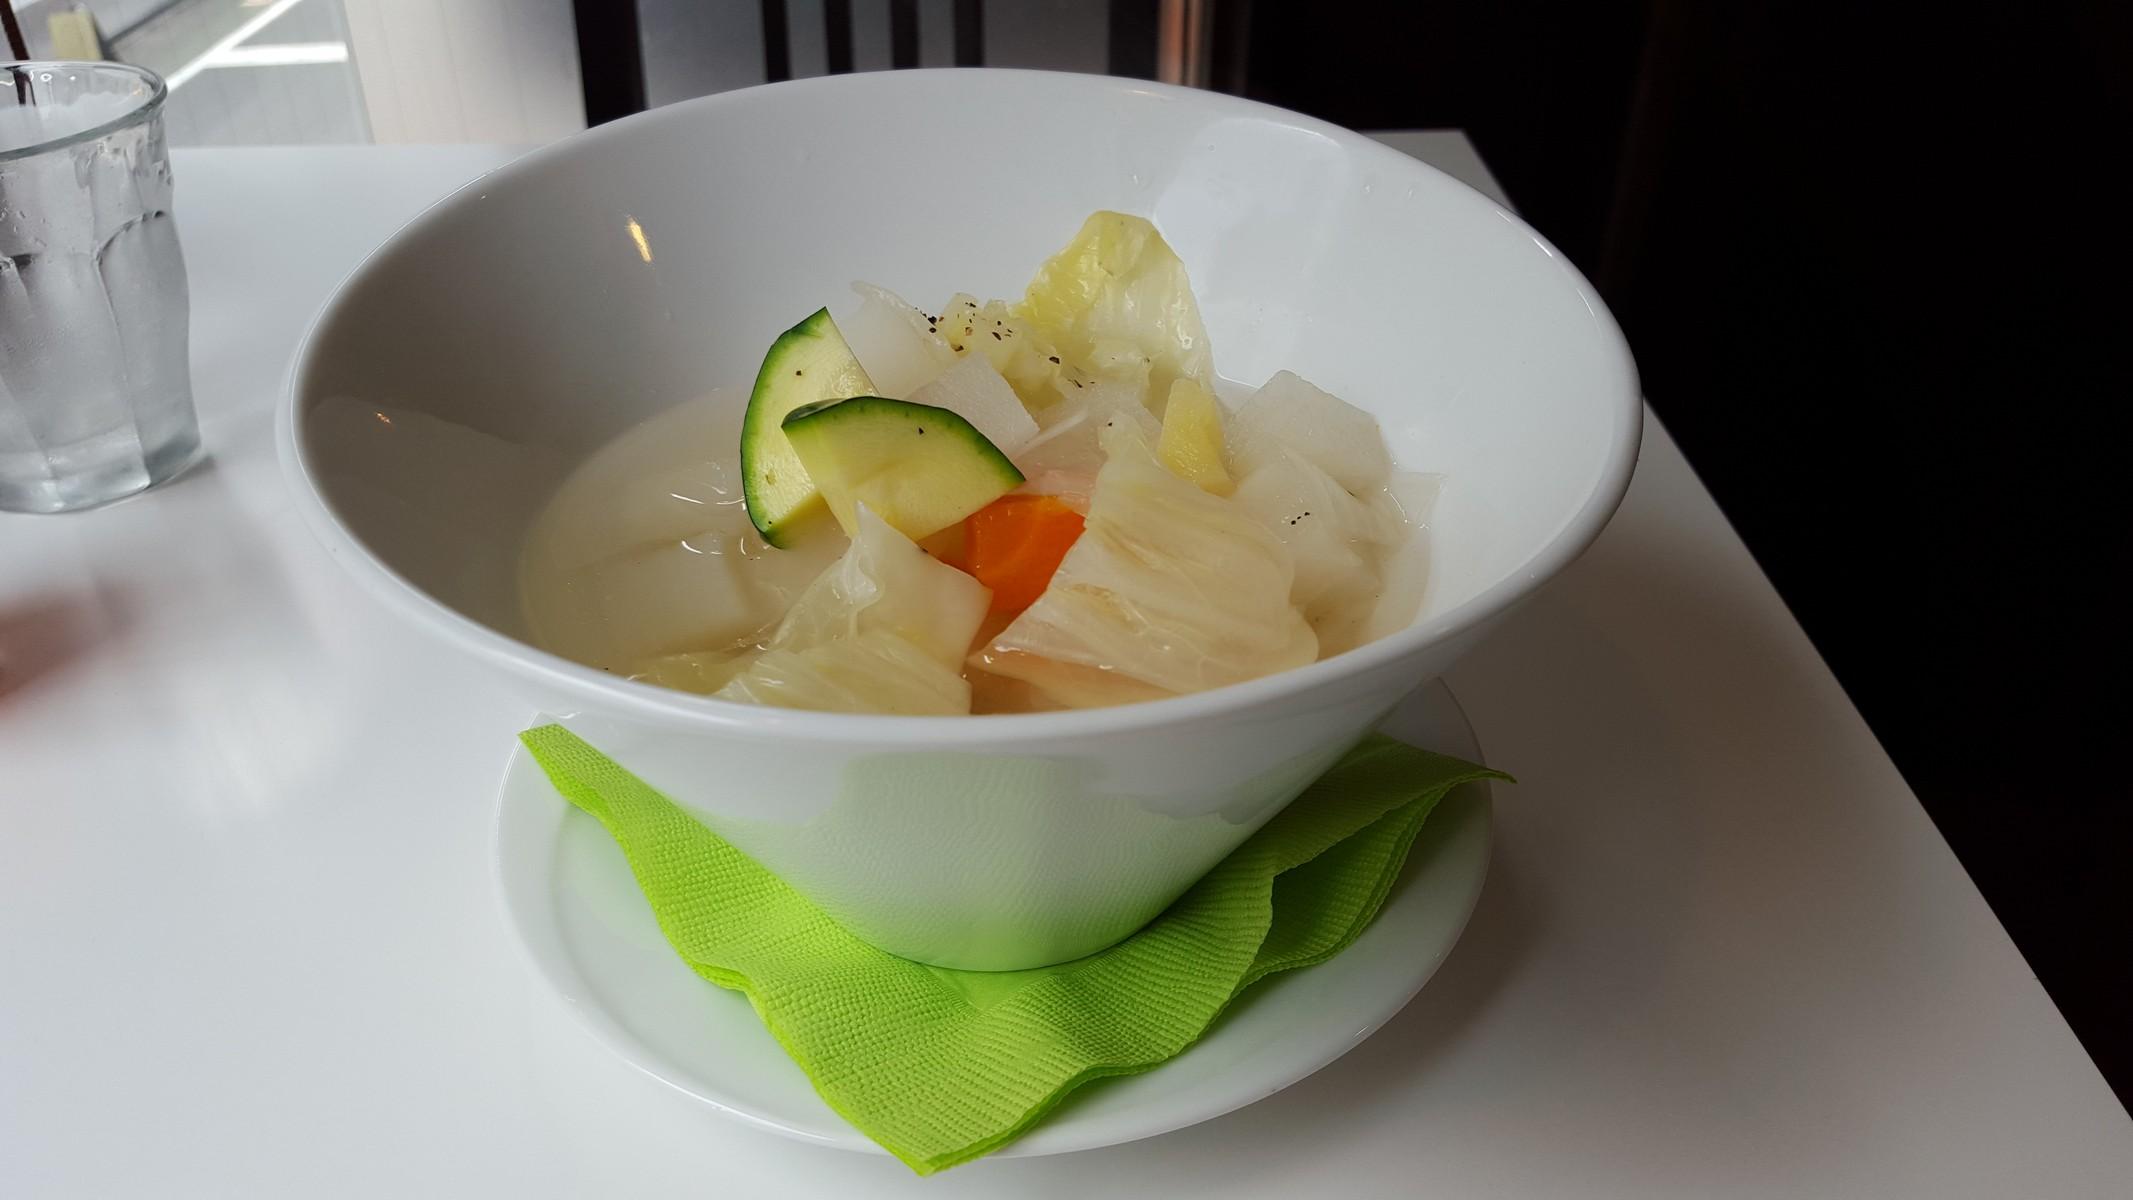 ランチのごろごろ野菜スープ【和良自由が丘工房/自由が丘】